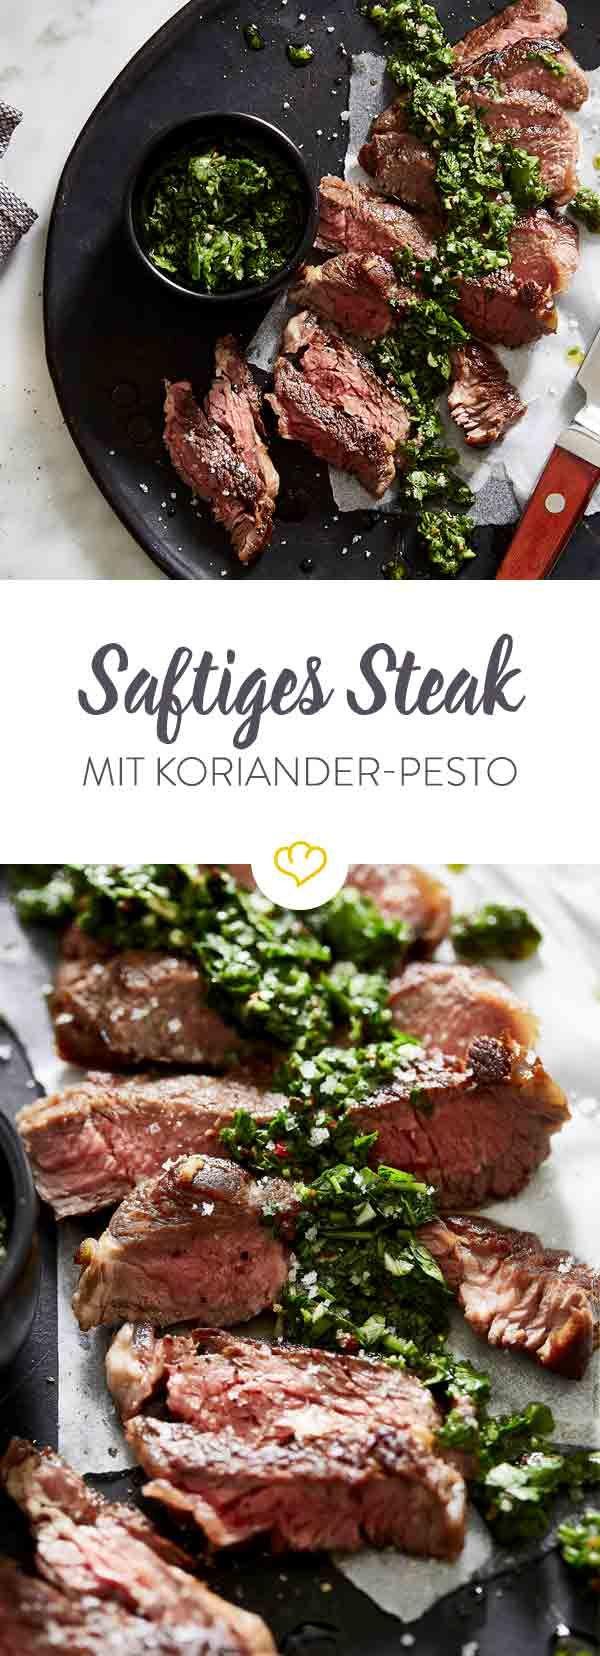 Steak mit grünem Koriander-Pesto #menus